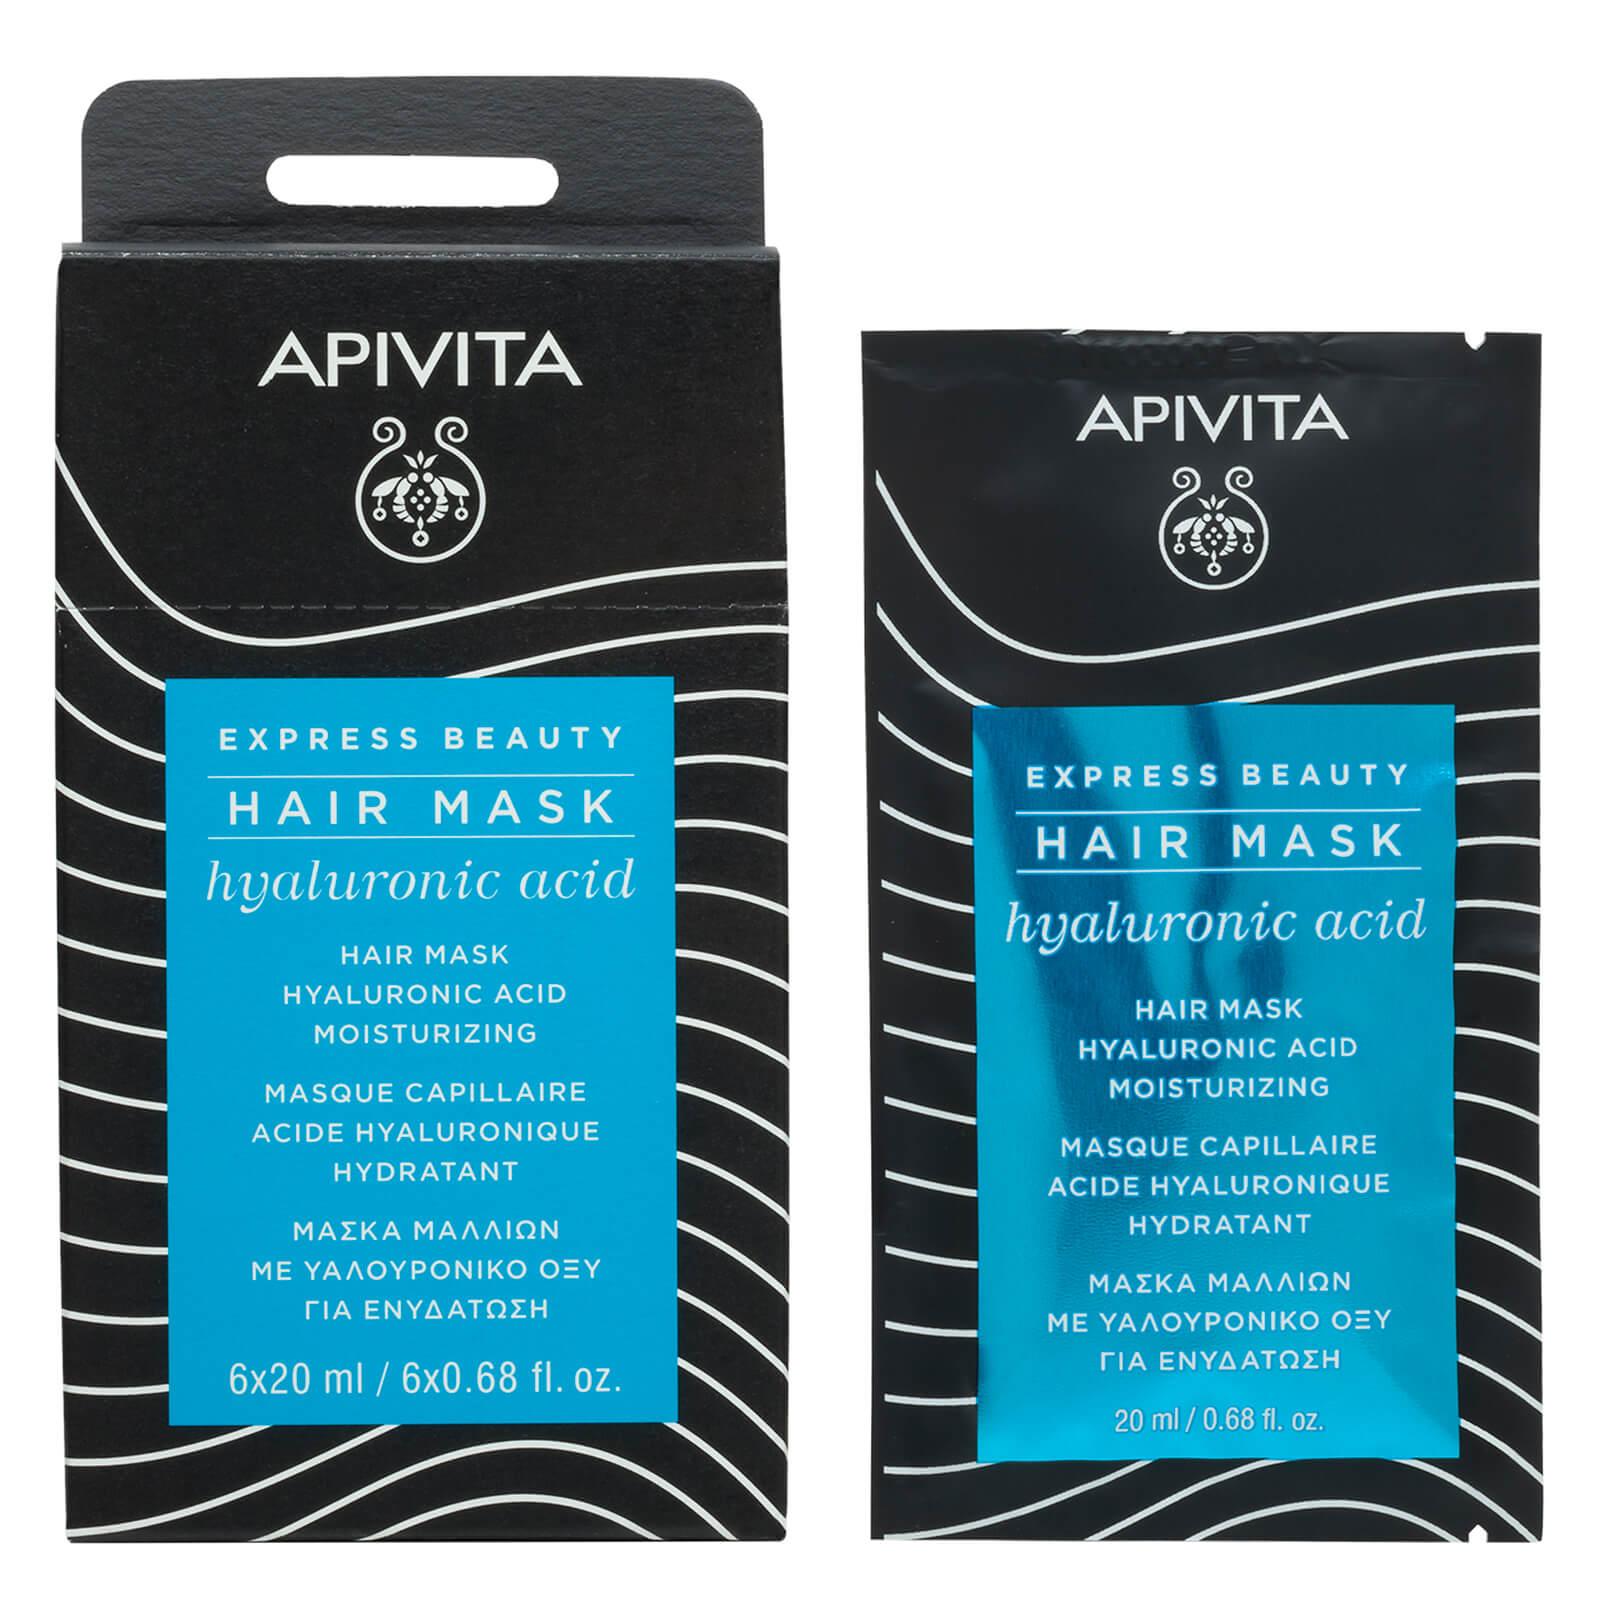 Увлажняющая маска с гиалуроновой кислотой APIVITA Express Moisturizing Hair Mask — Hyaluronic Acid 20 мл  - Купить